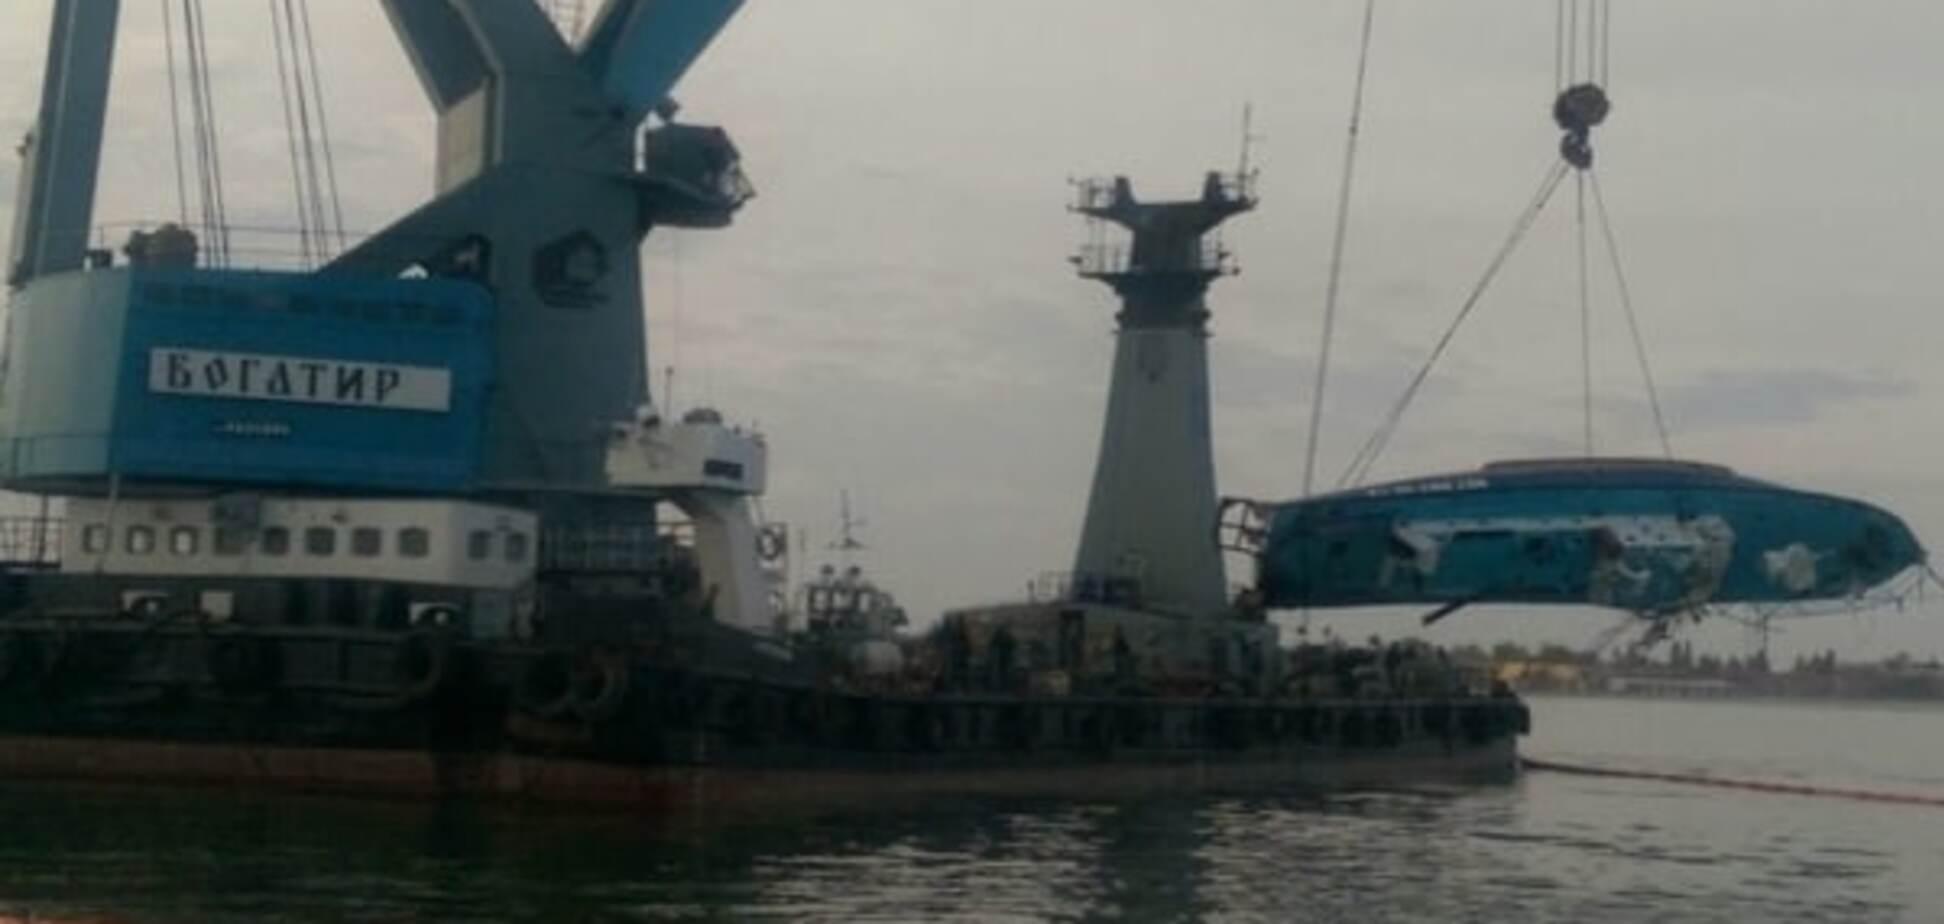 Допомога не прийшла: пасажири 'Іволги' вмирали болісною смертю